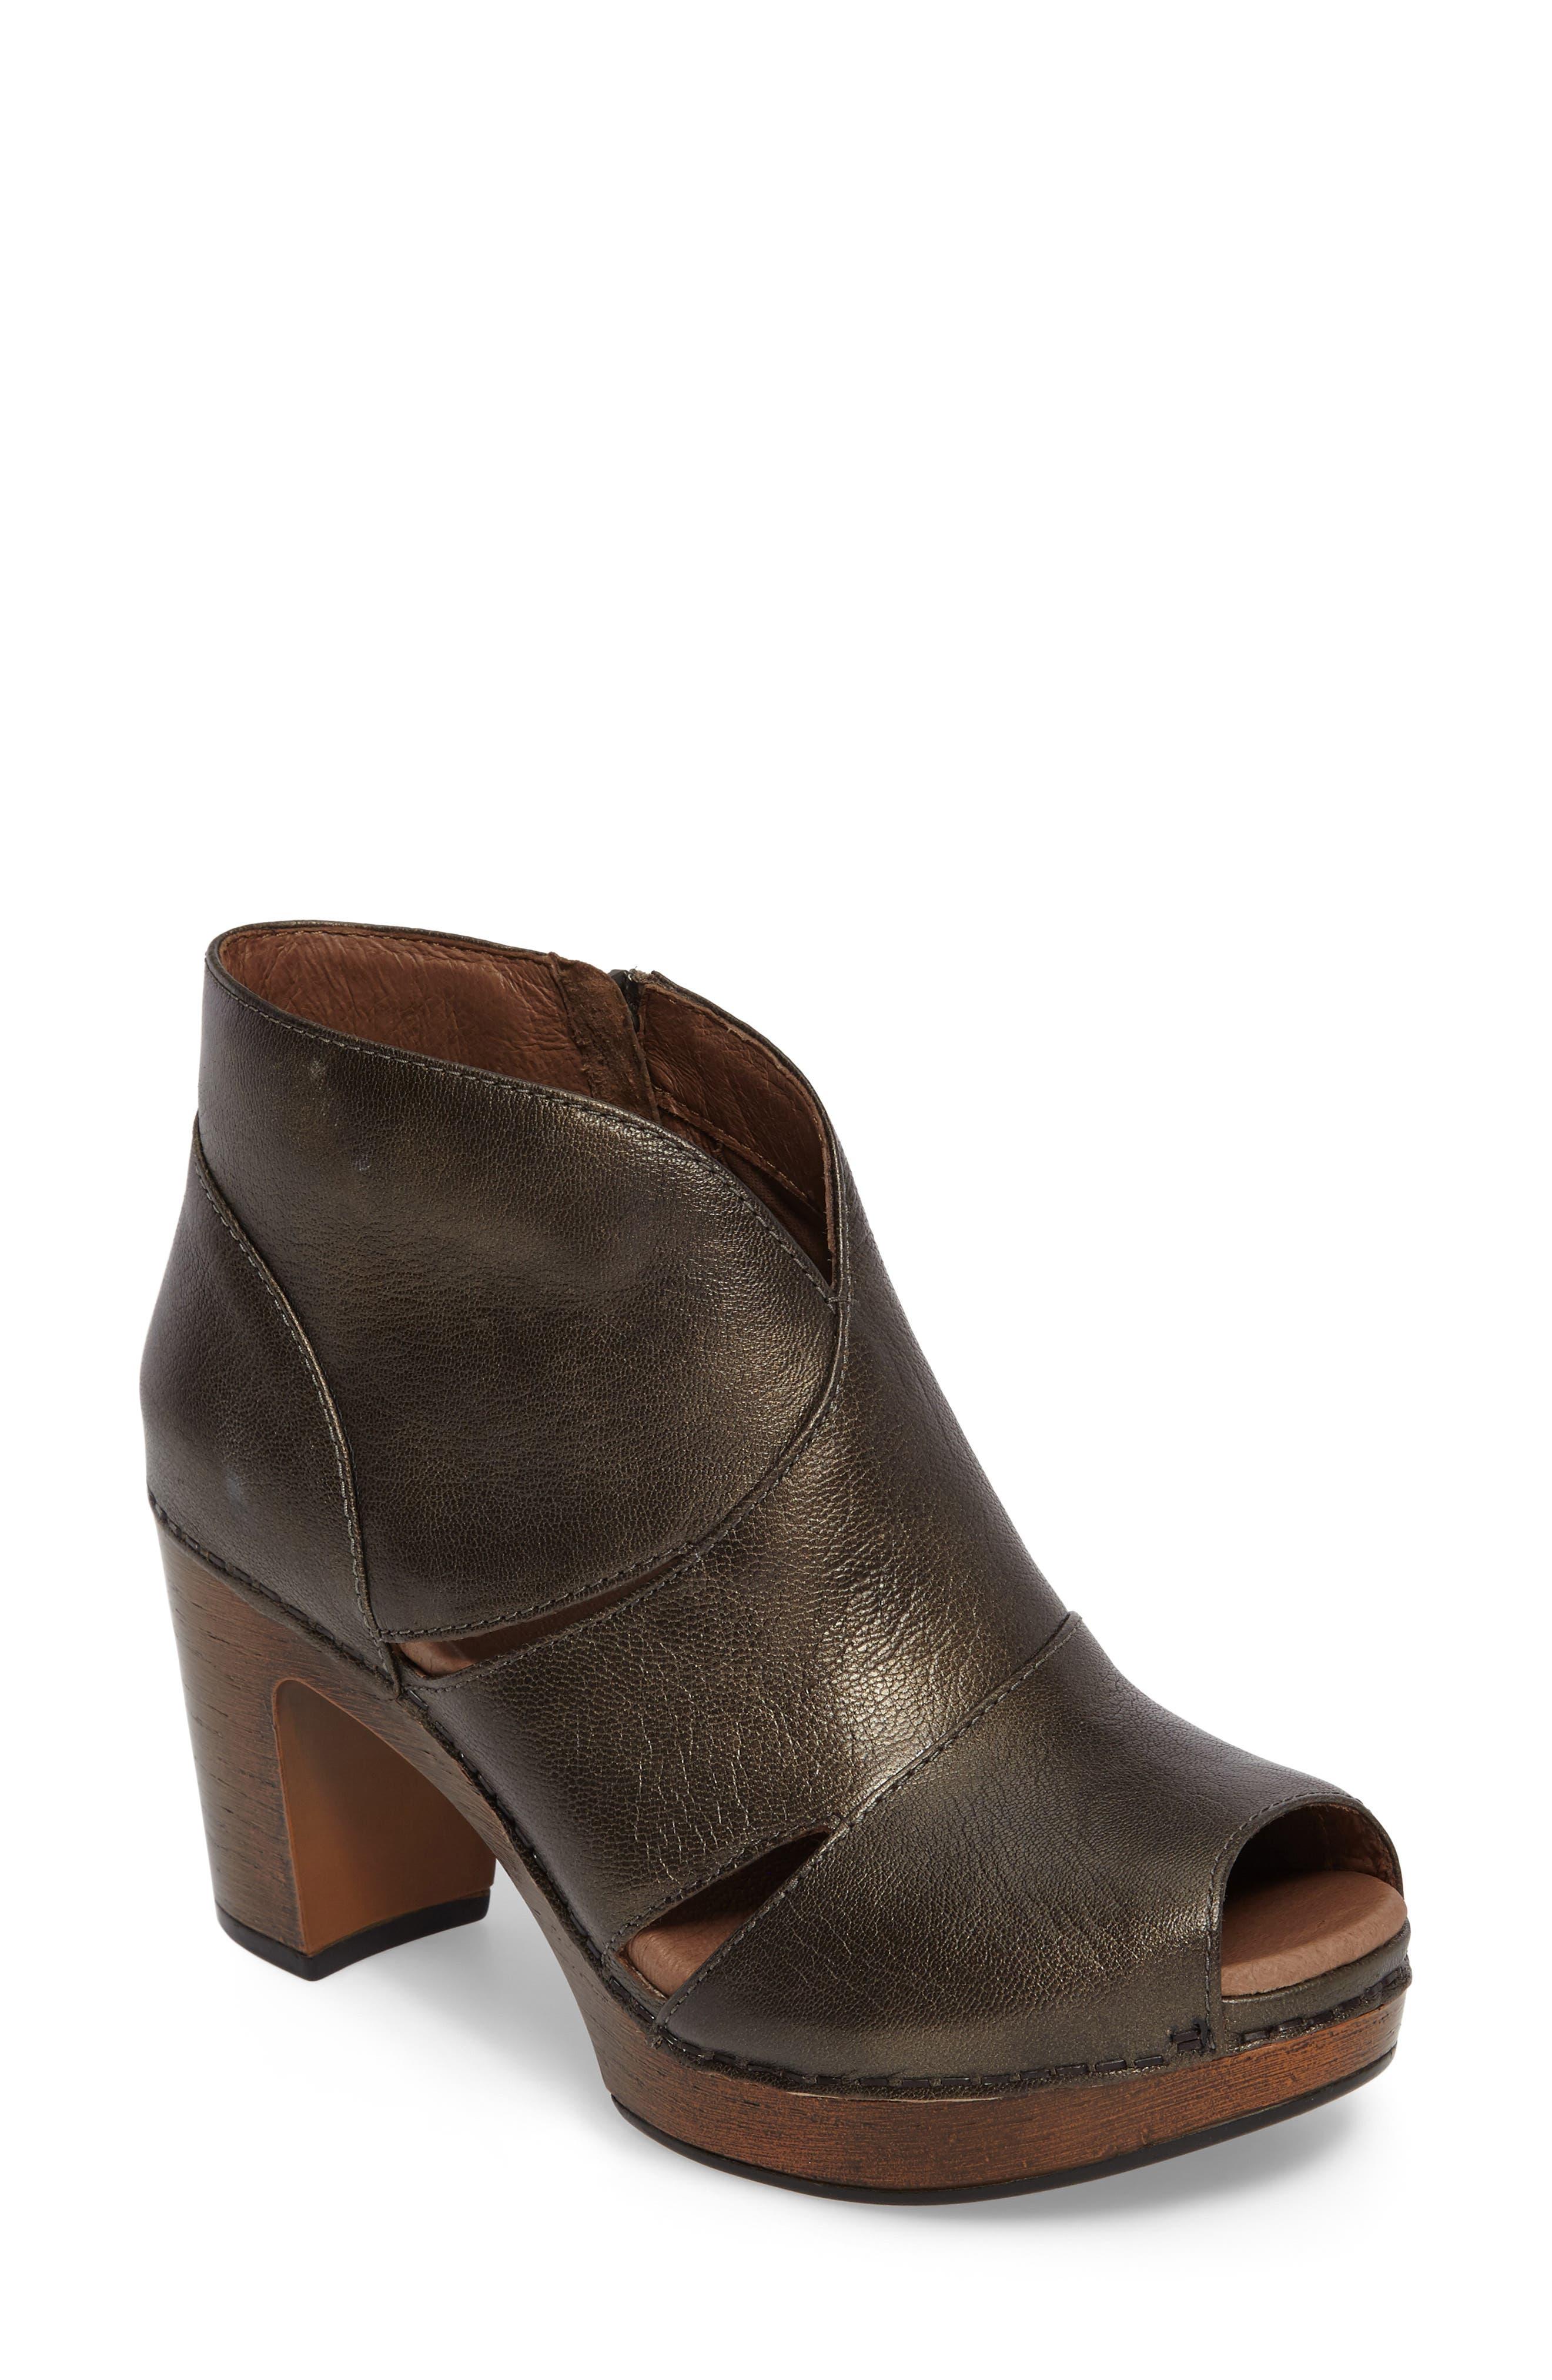 Main Image - Dansko Delphina Block Heel Bootie (Women)